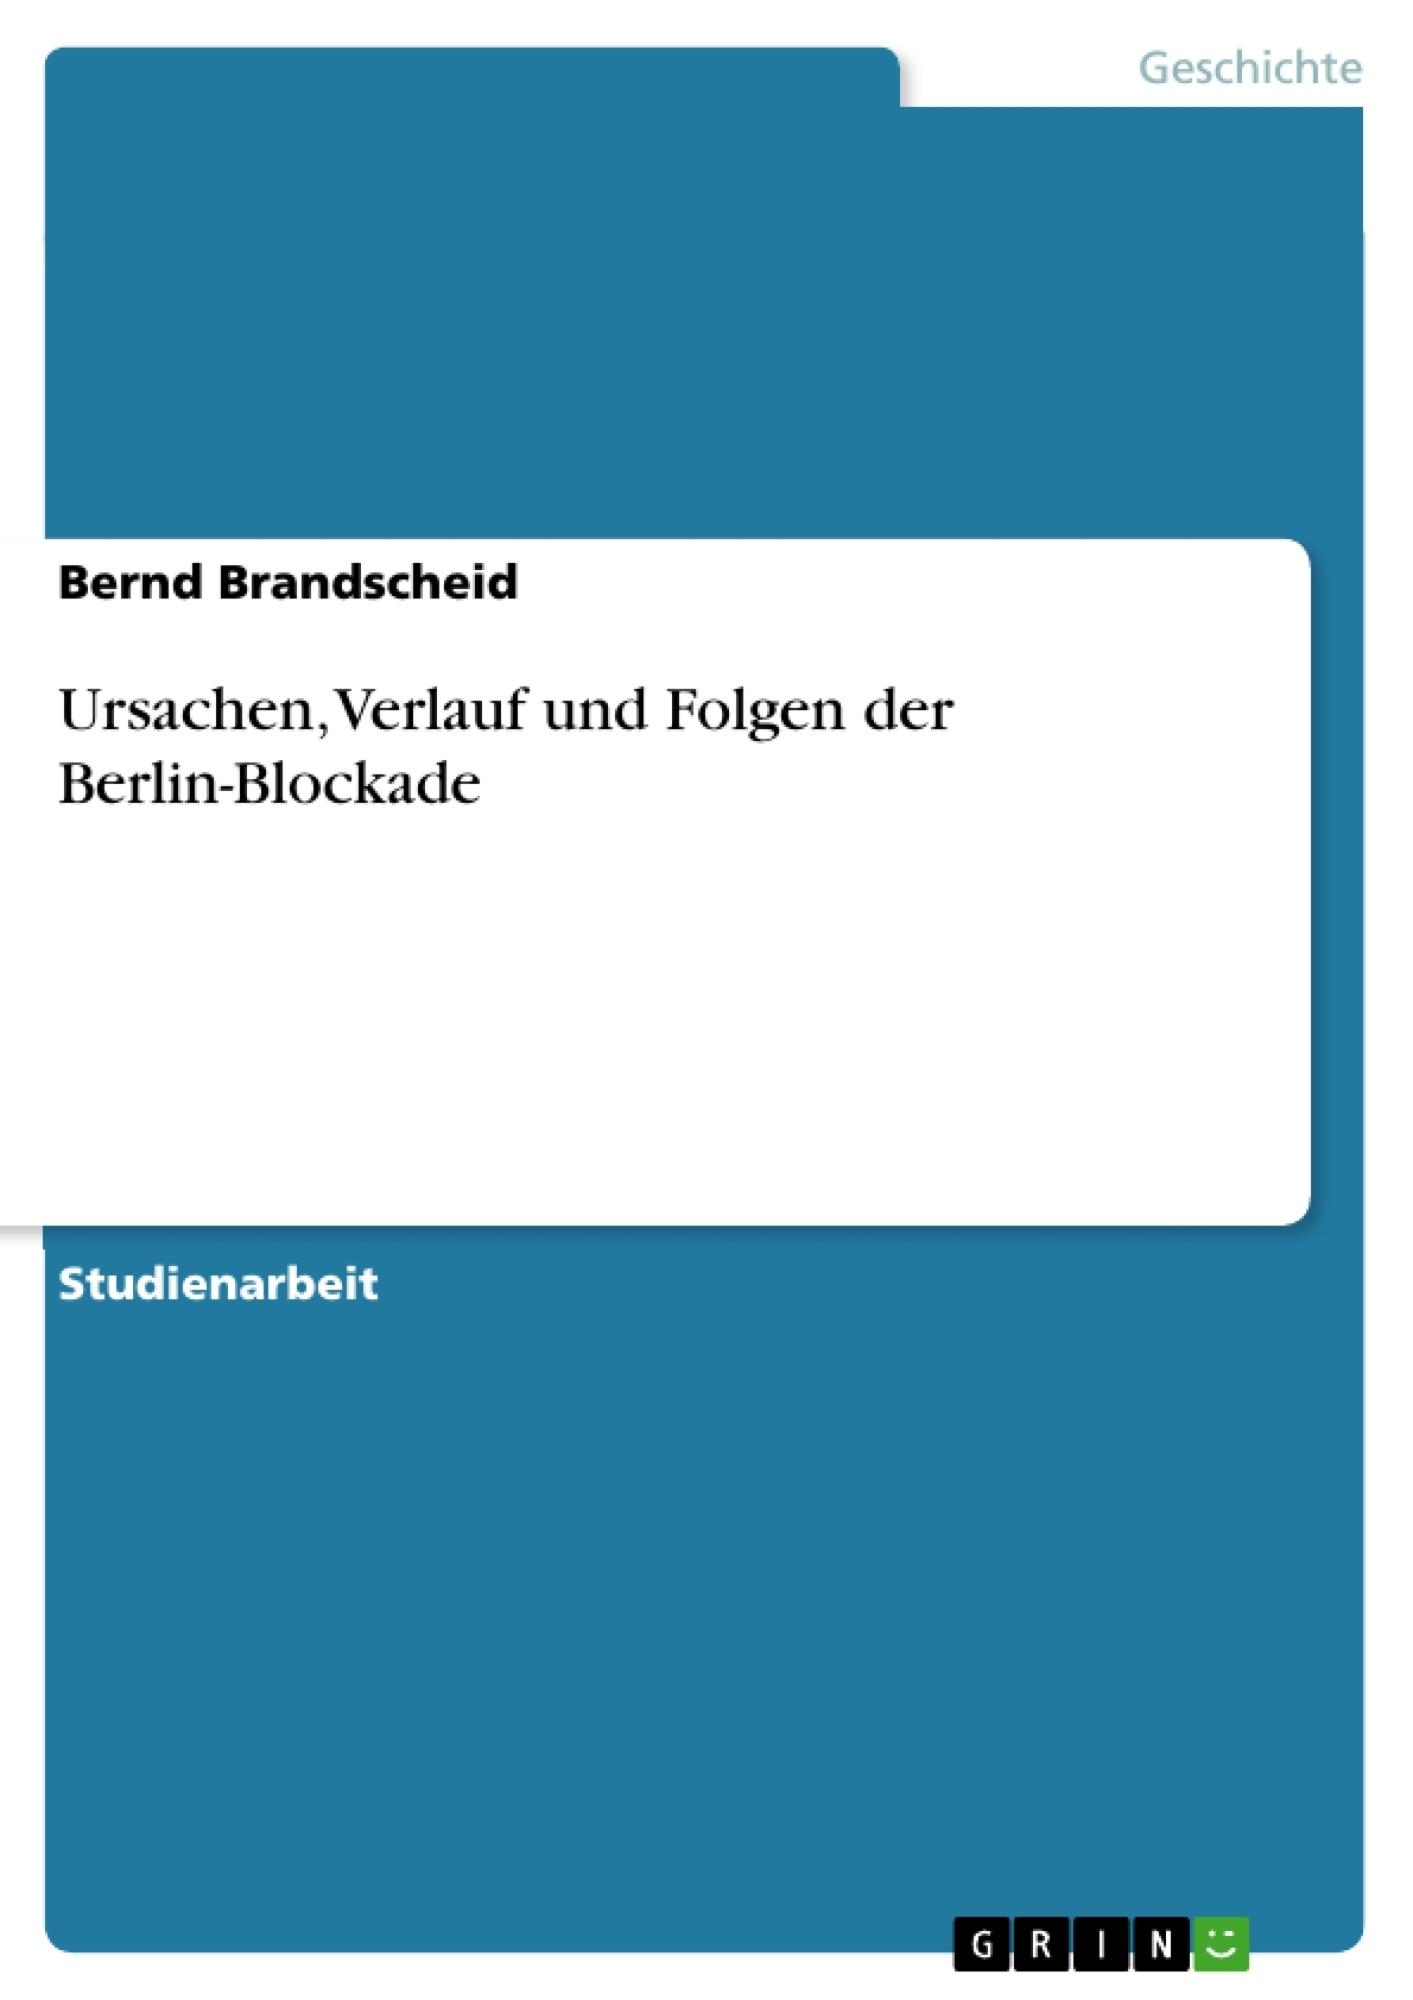 Titel: Ursachen, Verlauf und Folgen der Berlin-Blockade